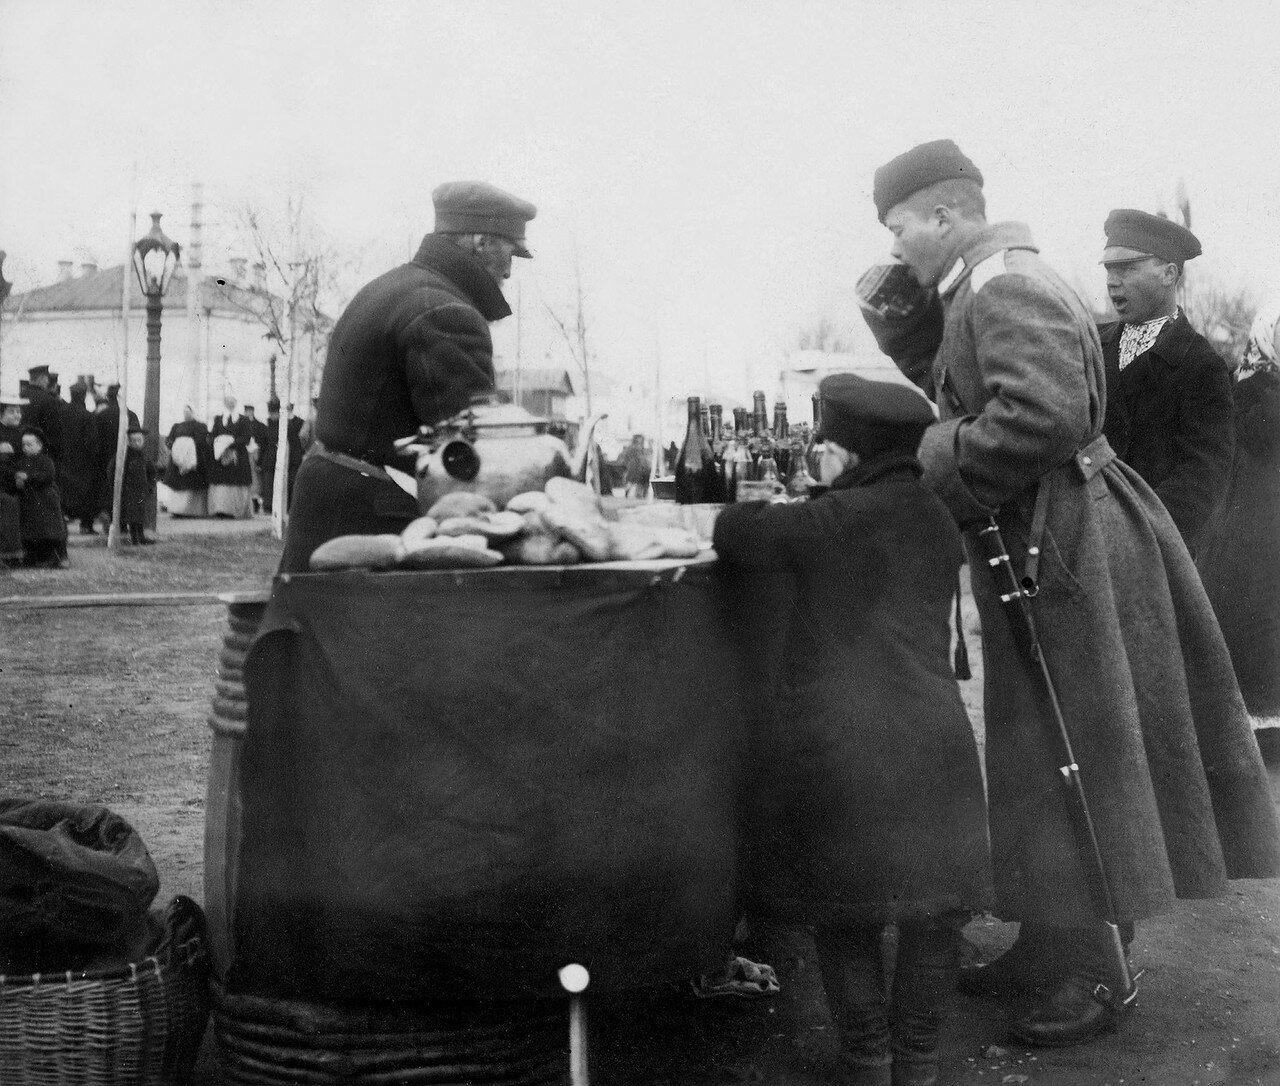 562555 Торговец чаем на уличной ярмарке в Москве кон.90-нач.00-х.jpg